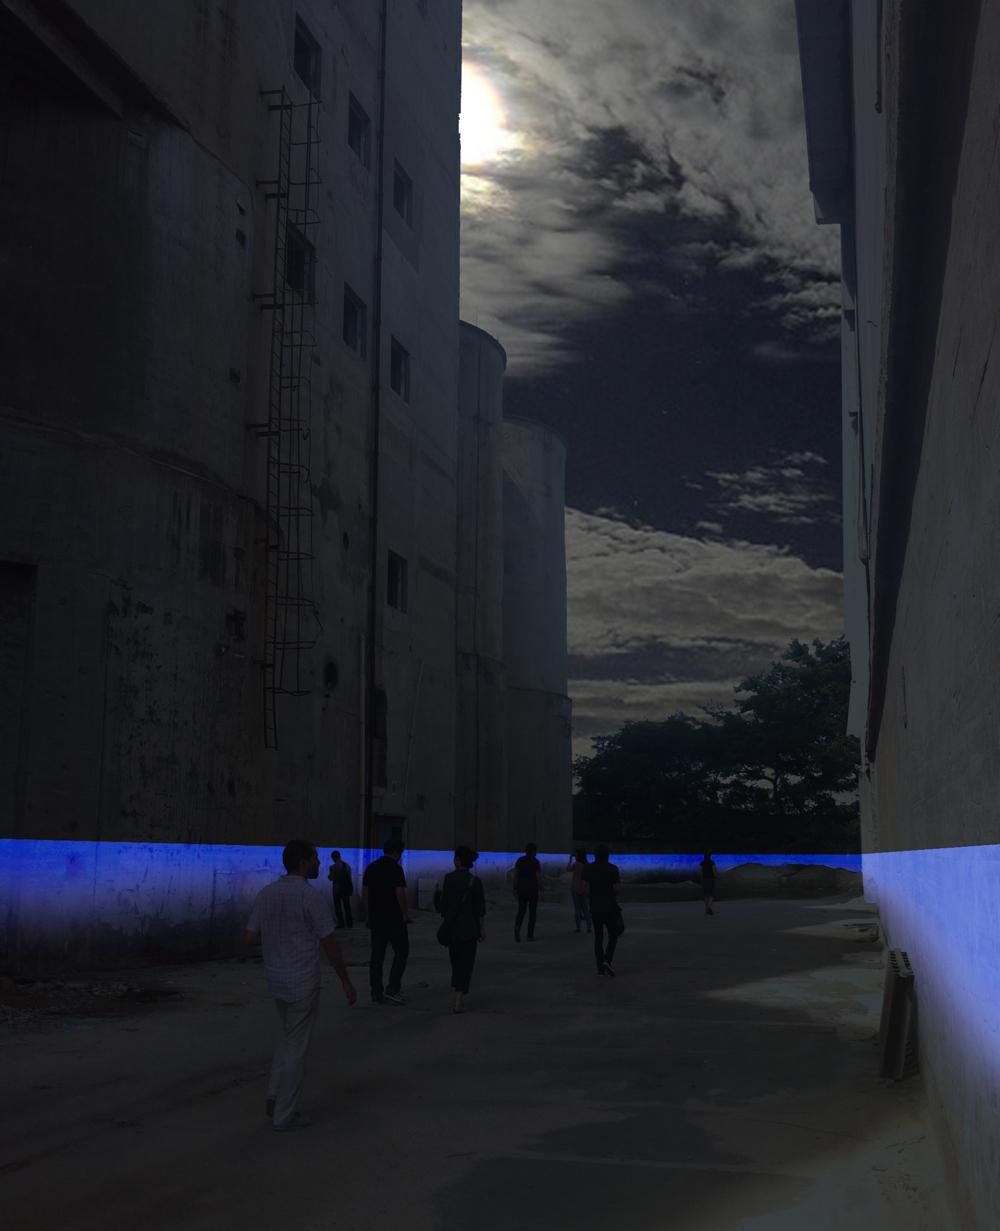 Nitsche - LOW TIDE - Shenzhen Biennale 2013 12x.jpg